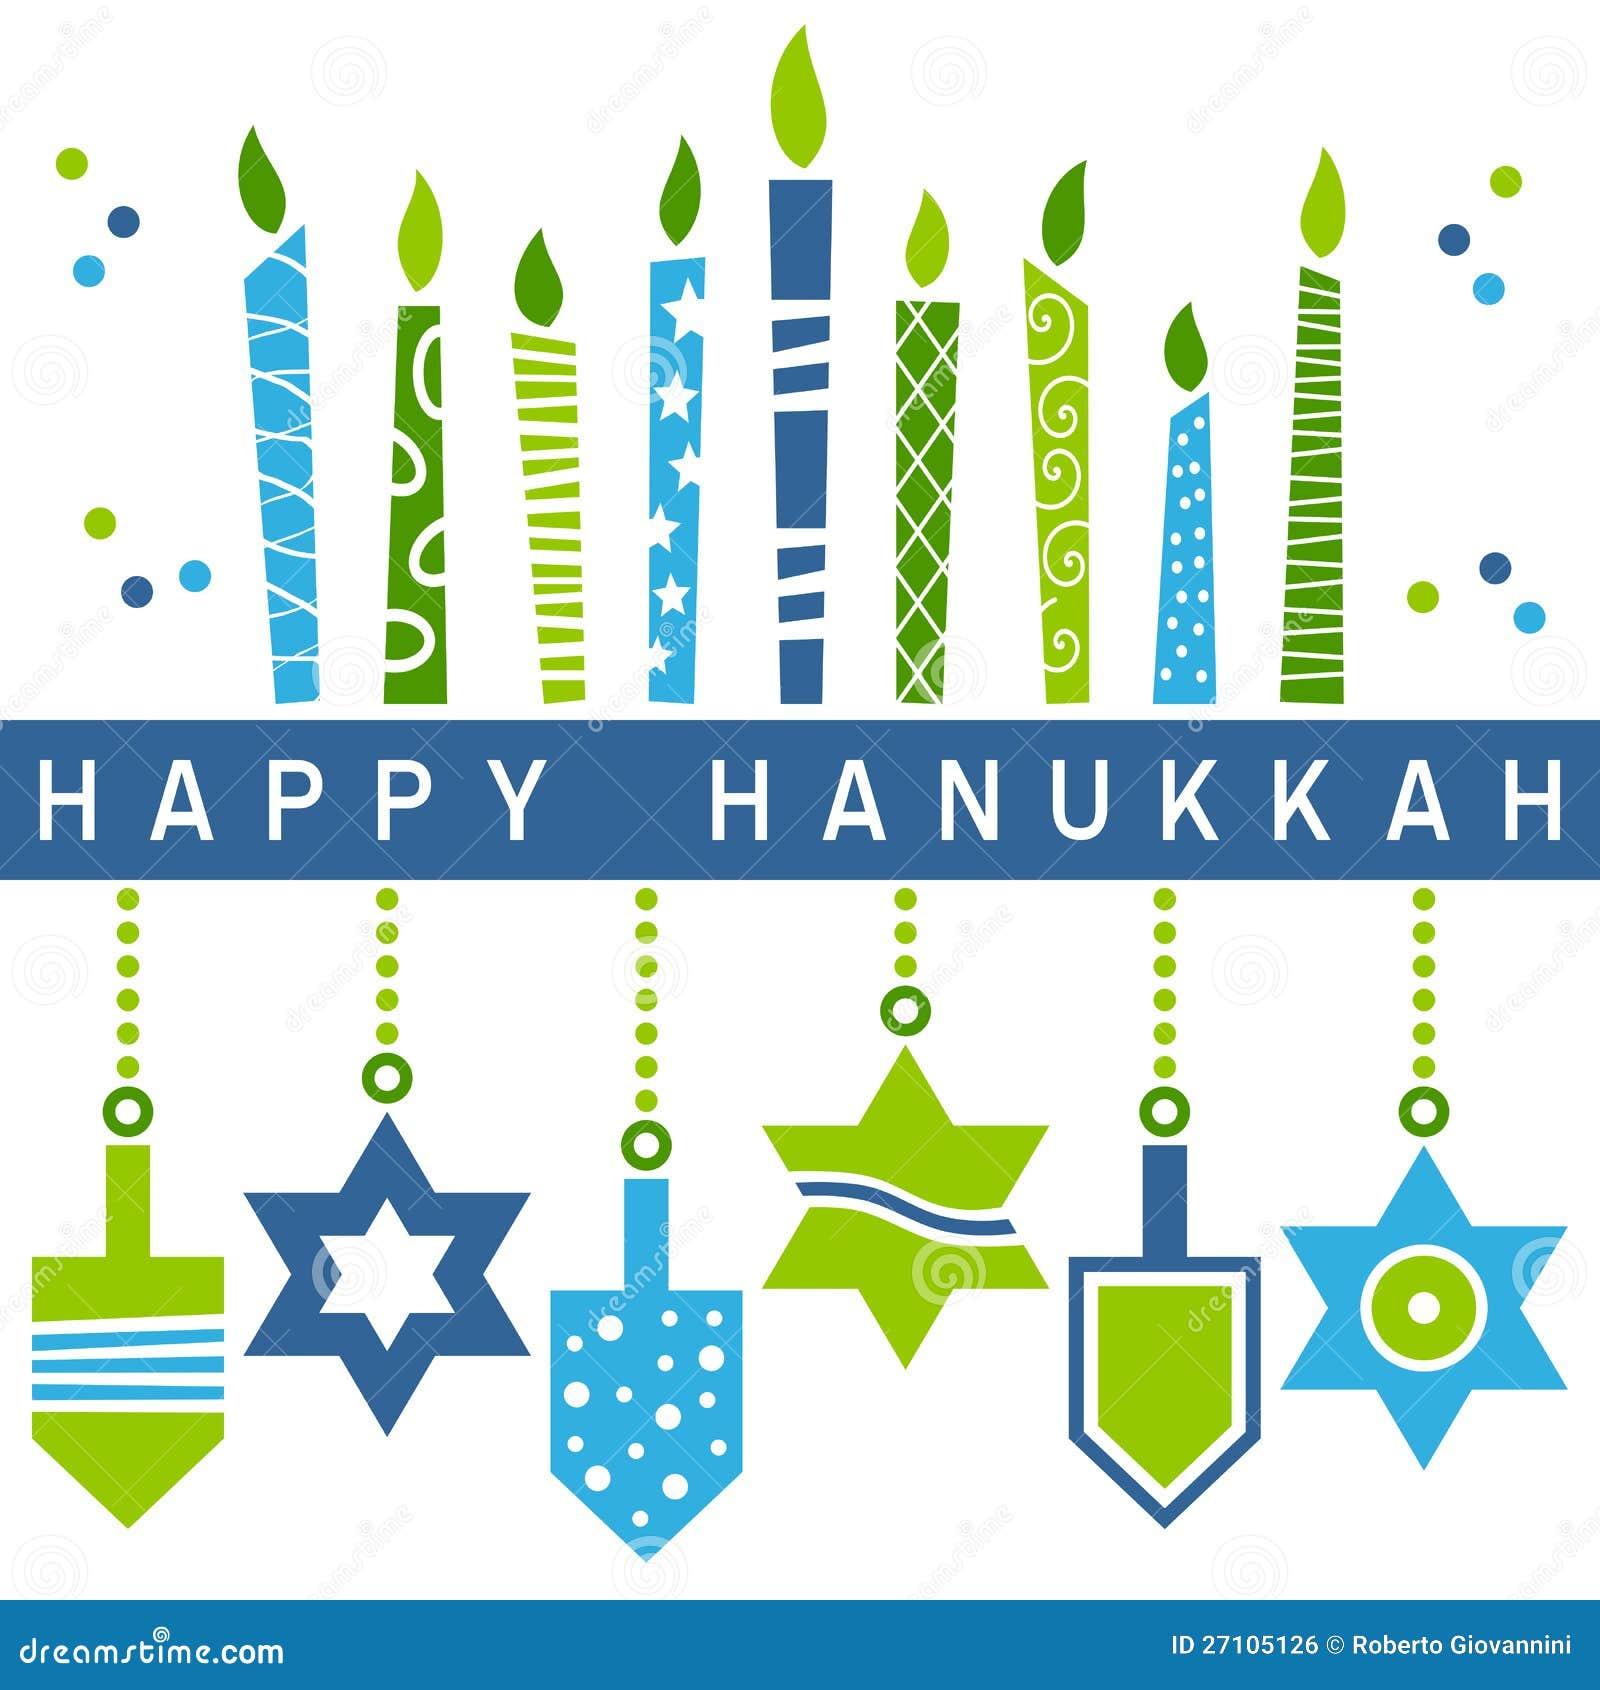 Retro Happy Hanukkah Card [5]